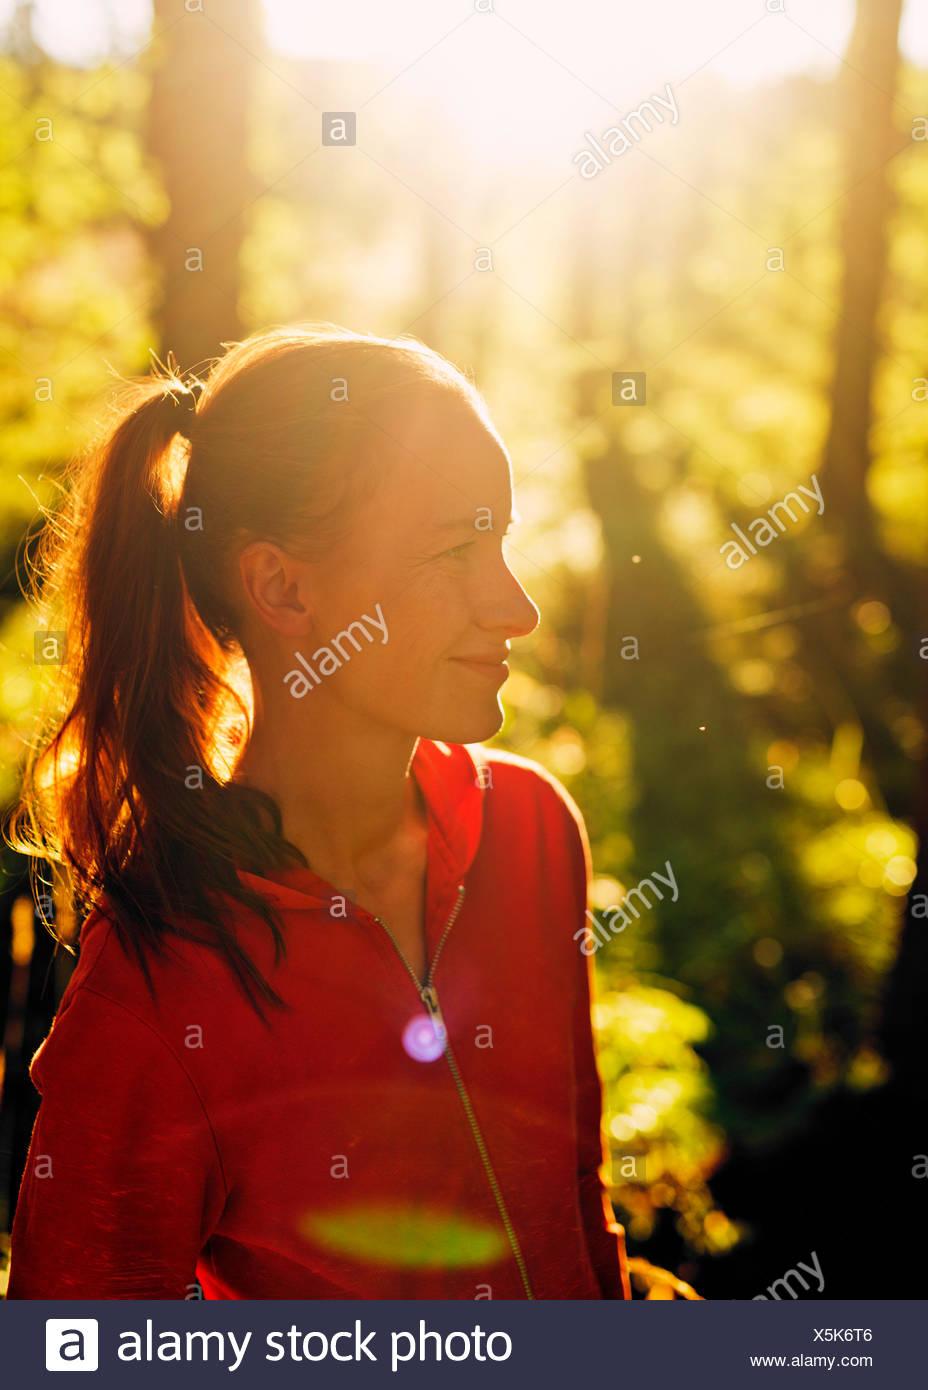 Finnland, Paijat-Hame, Heinola, Mid-Adult Frau im Wald Stockbild